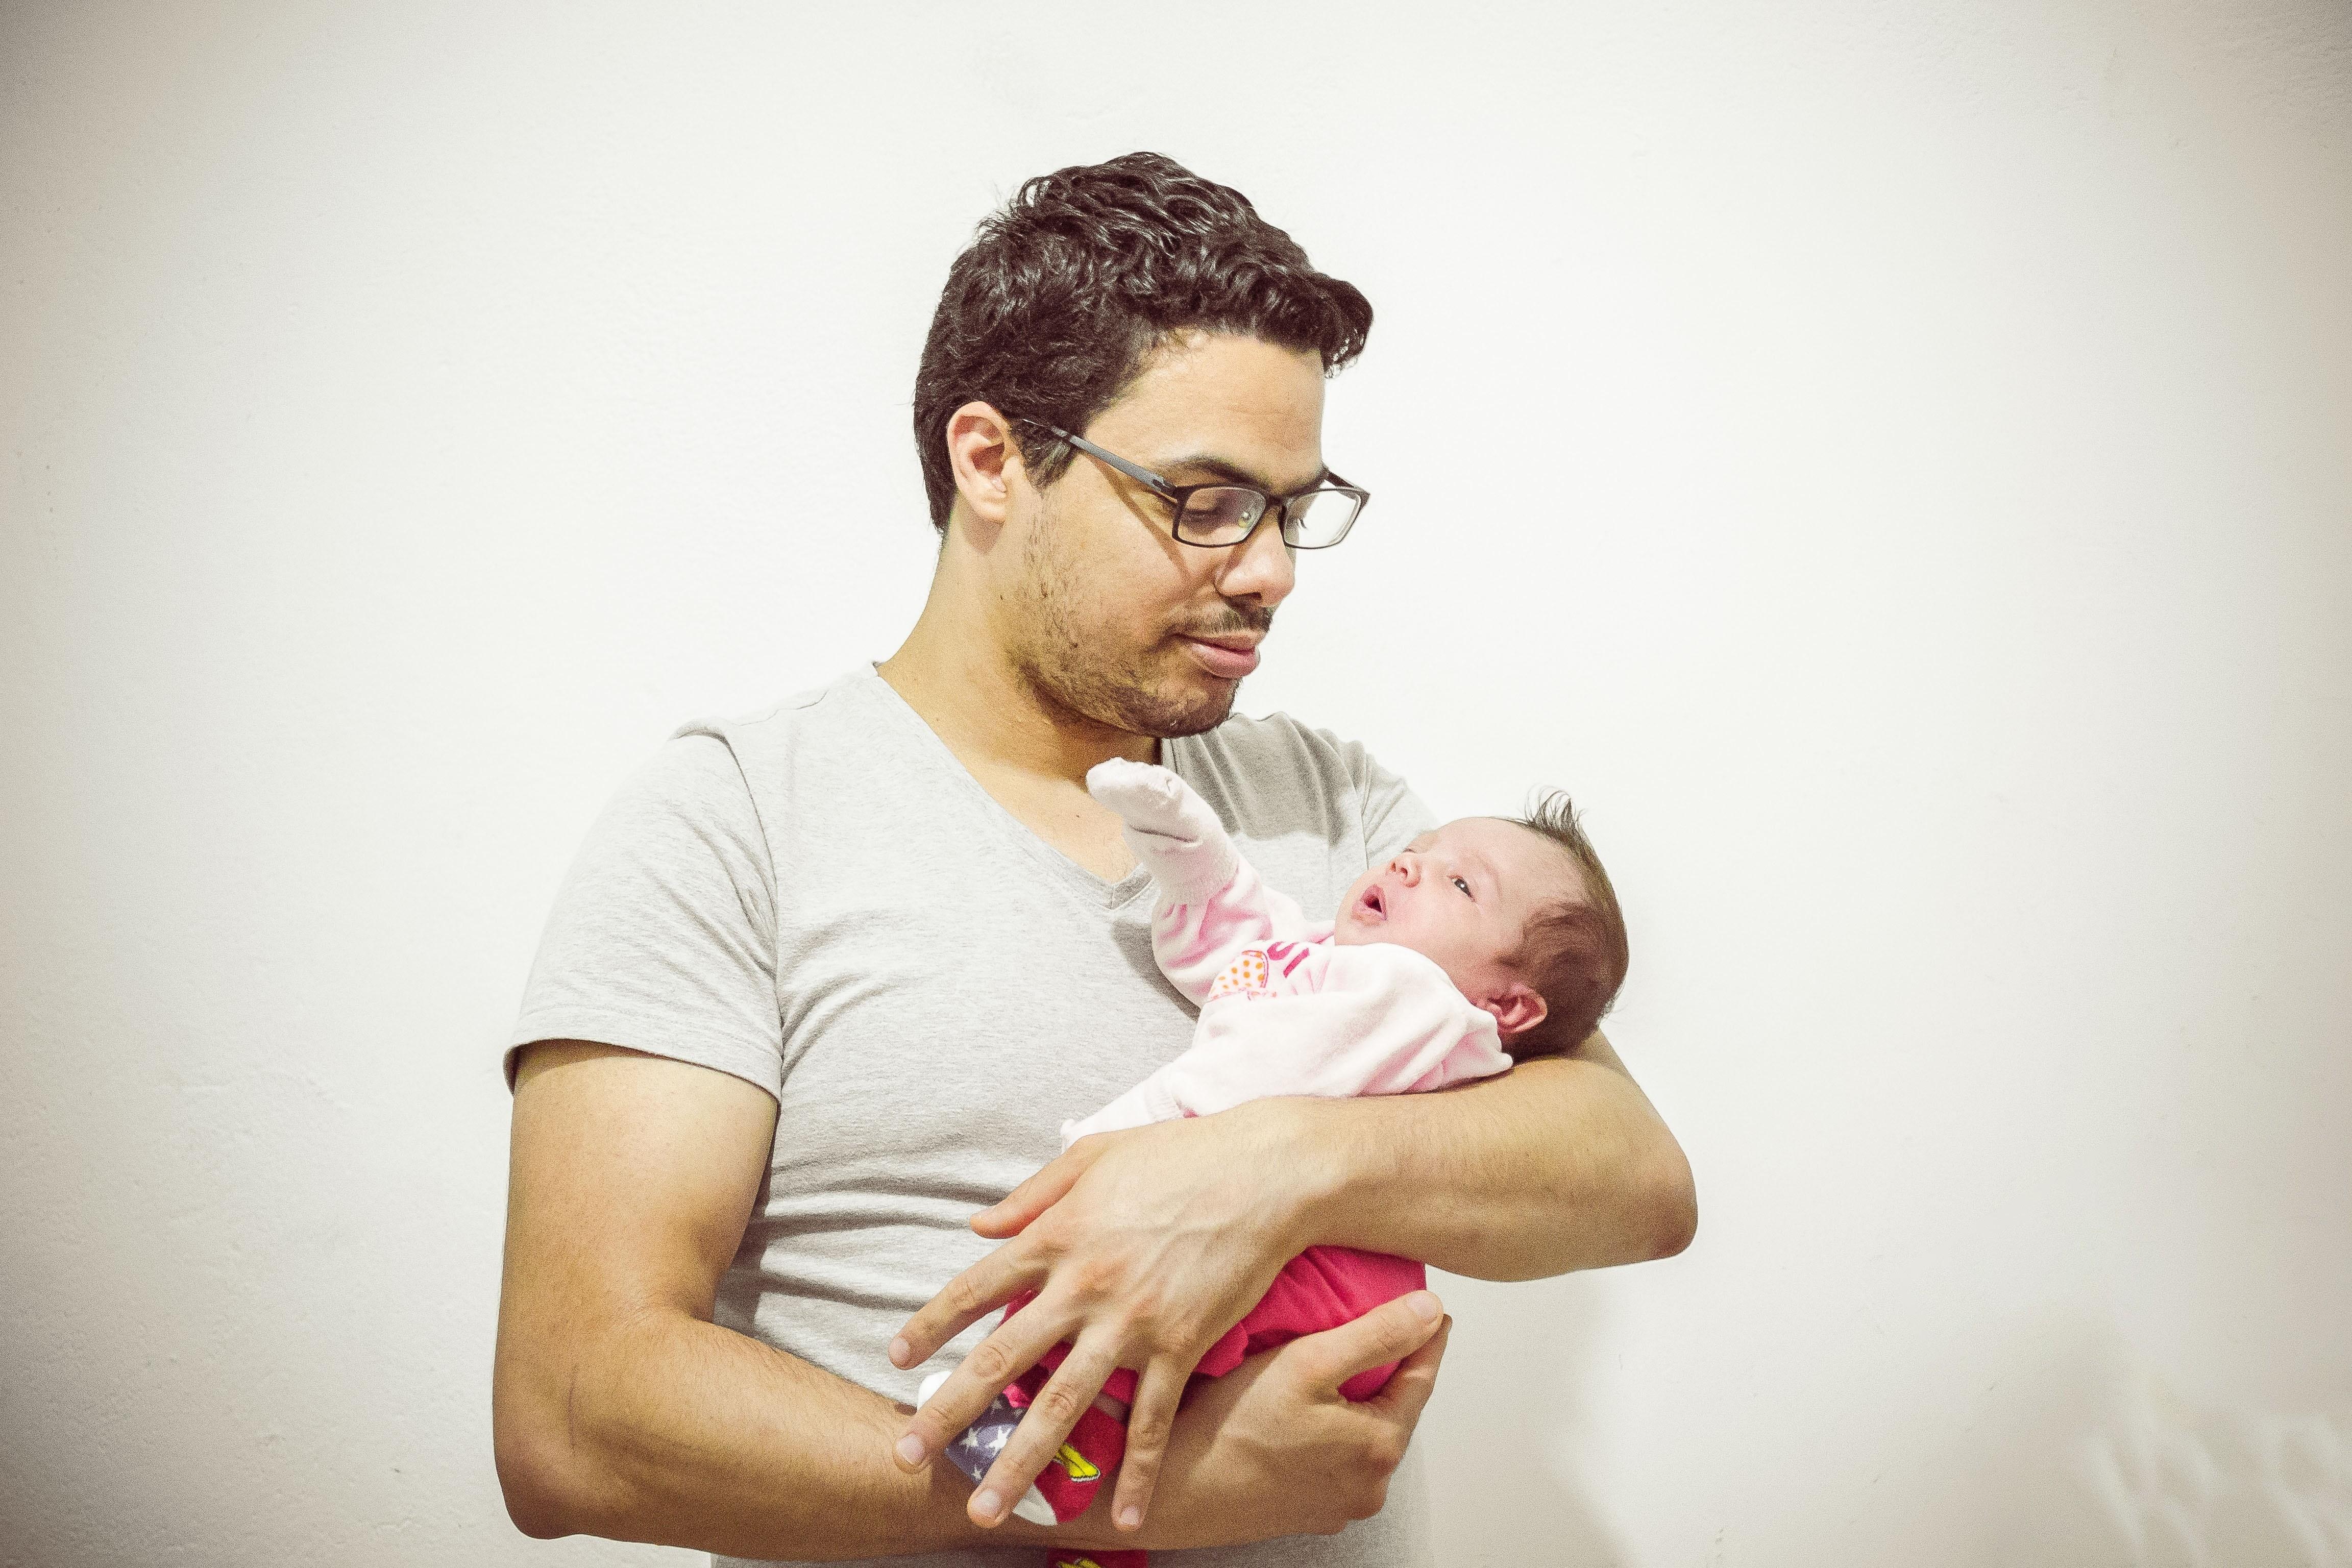 Как выбрать имя малышу? Редкие и красивые мужские имена и их толкования